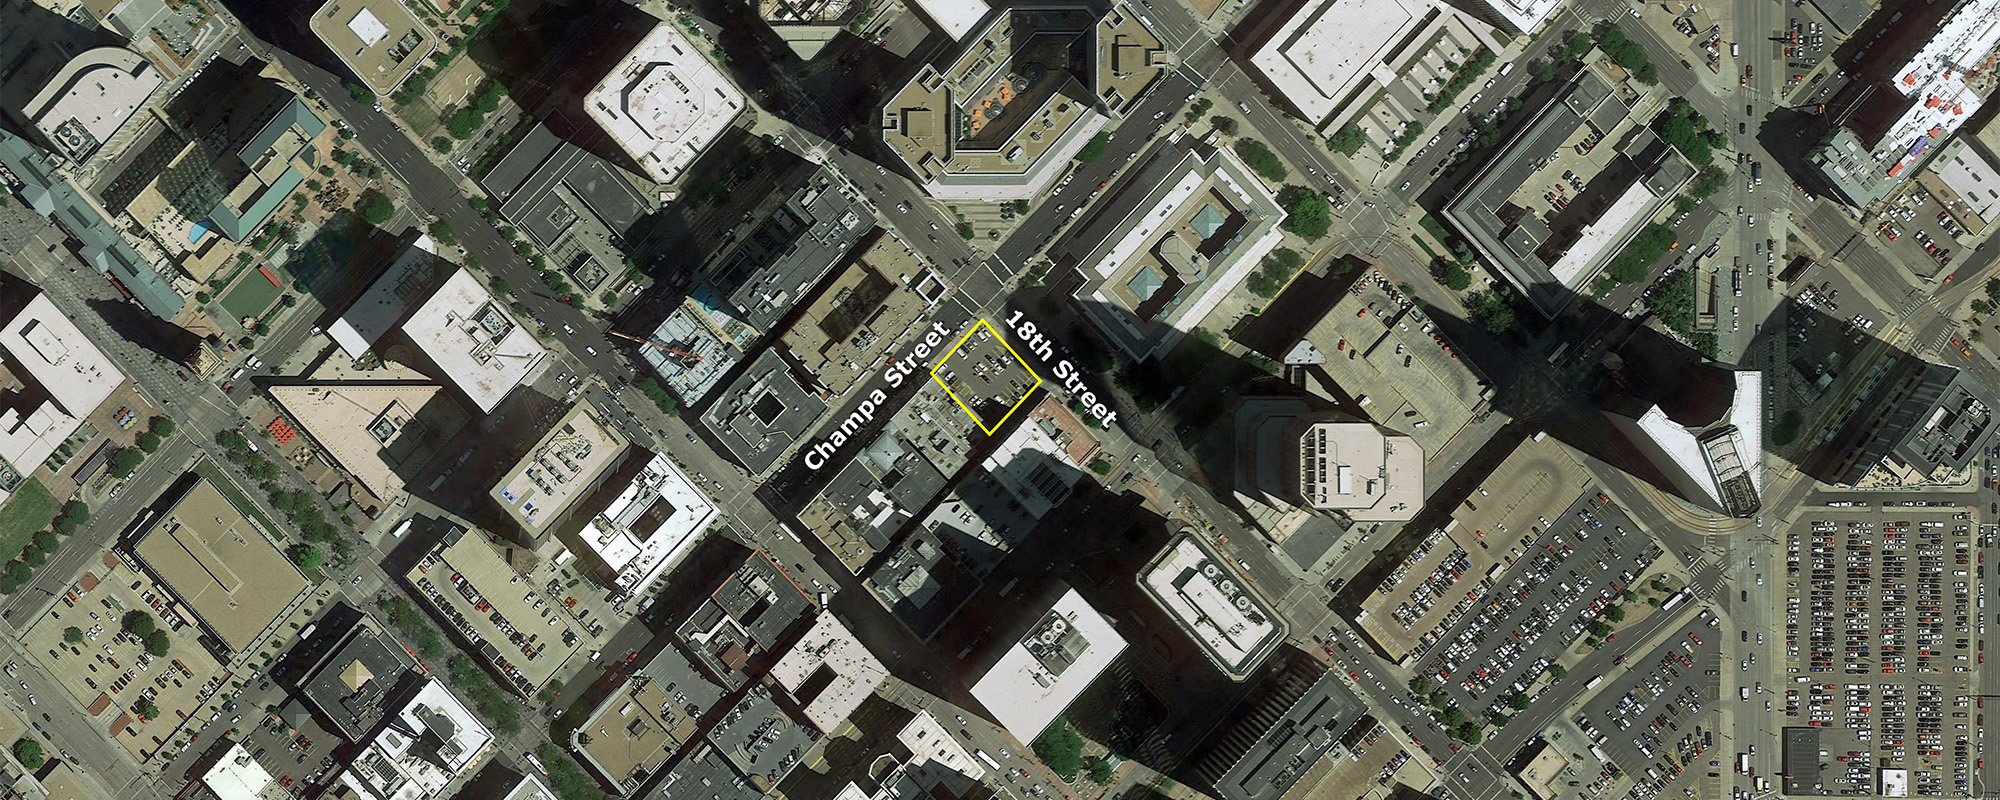 Hyatt Centric Map